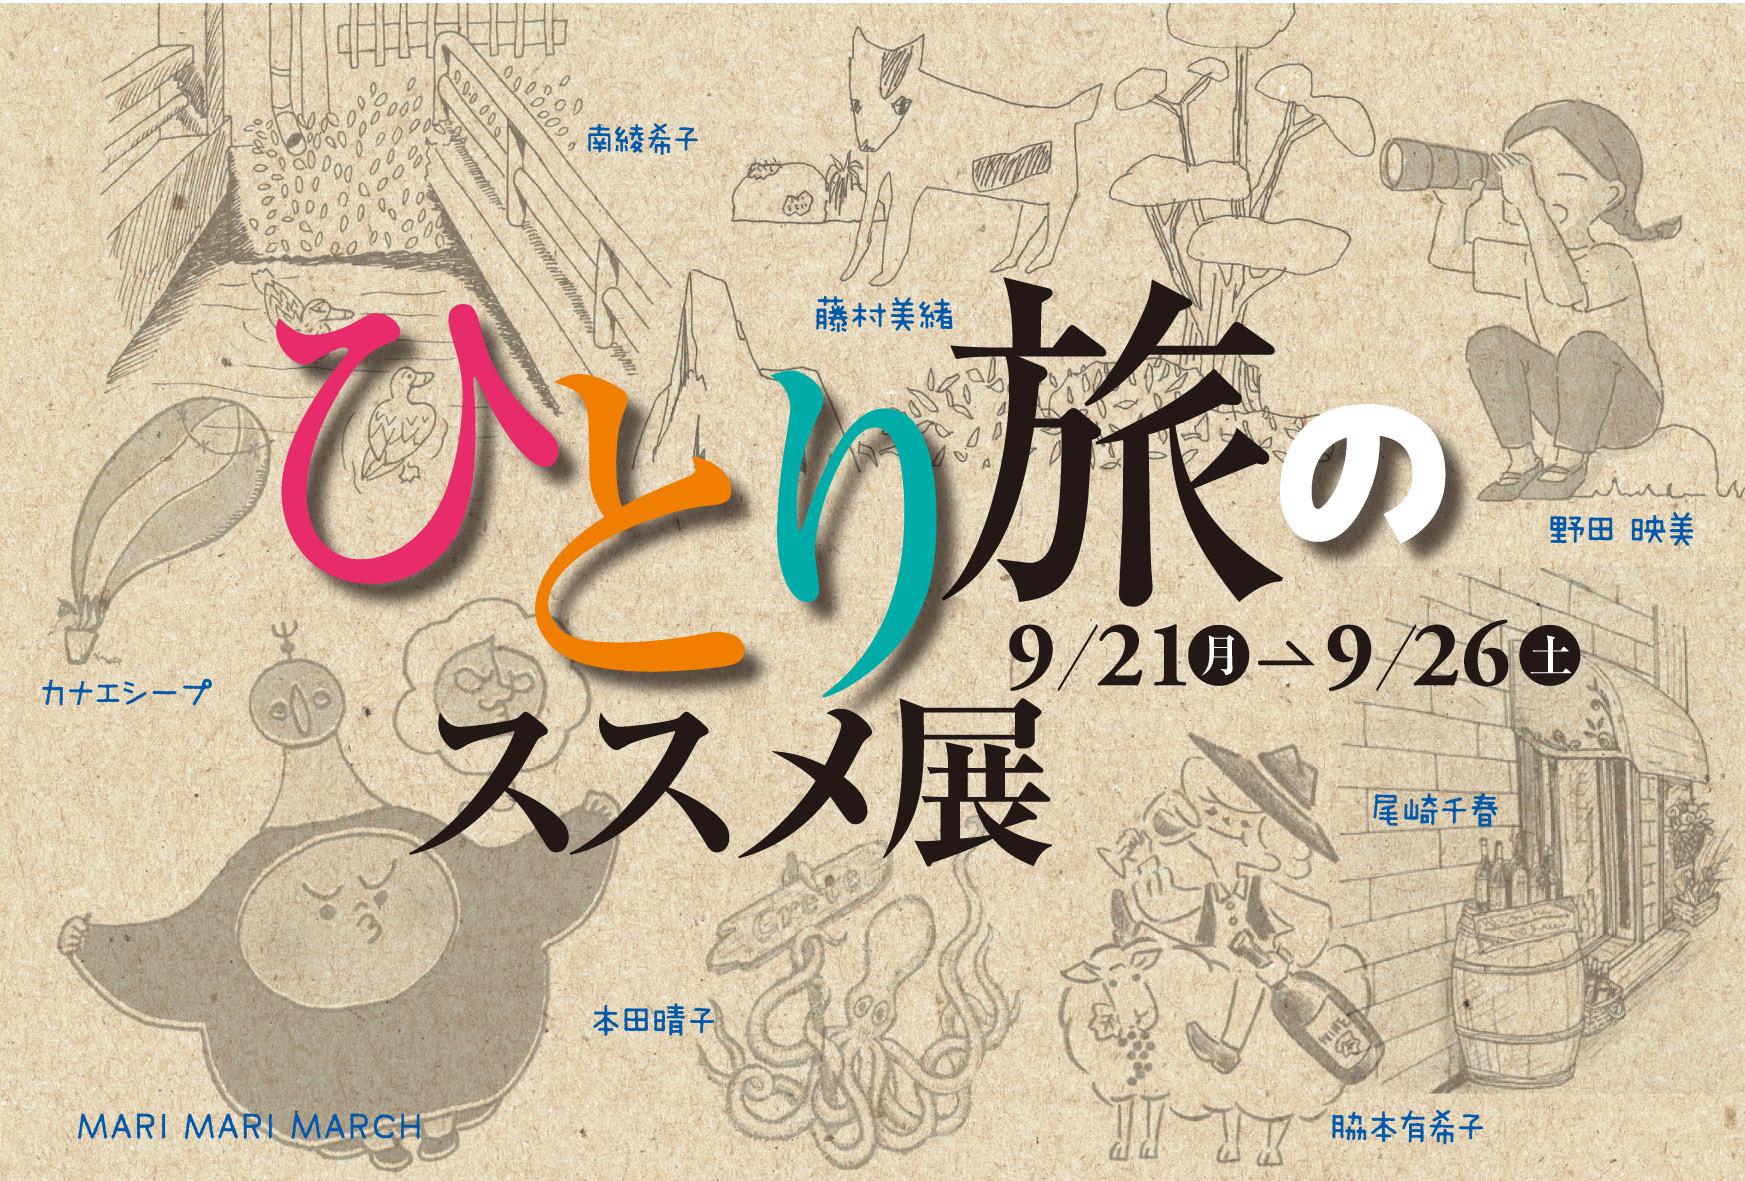 明日からランドリーグラフィックスの『ひとり旅のススメ展』参加します